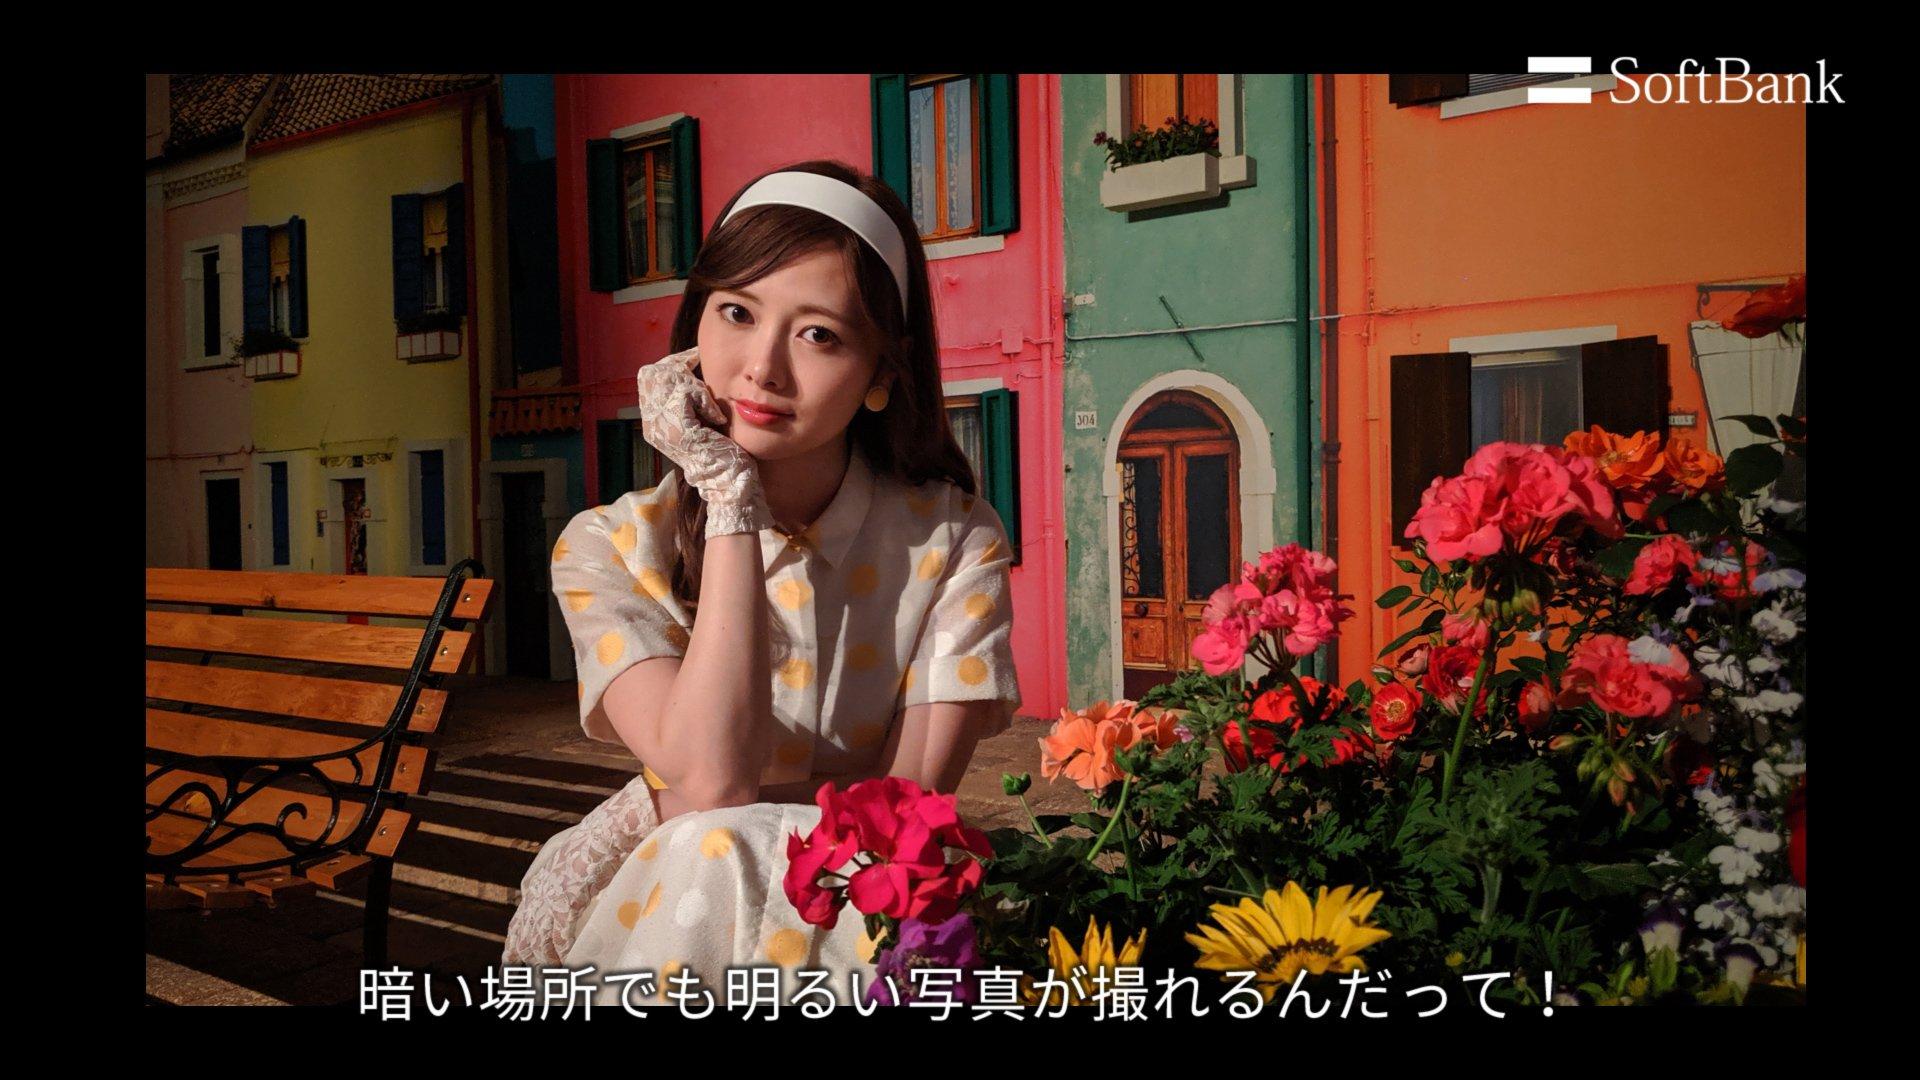 乃木坂46白石麻衣が出演するソフトバンクの新CMが放送開始!の画像014